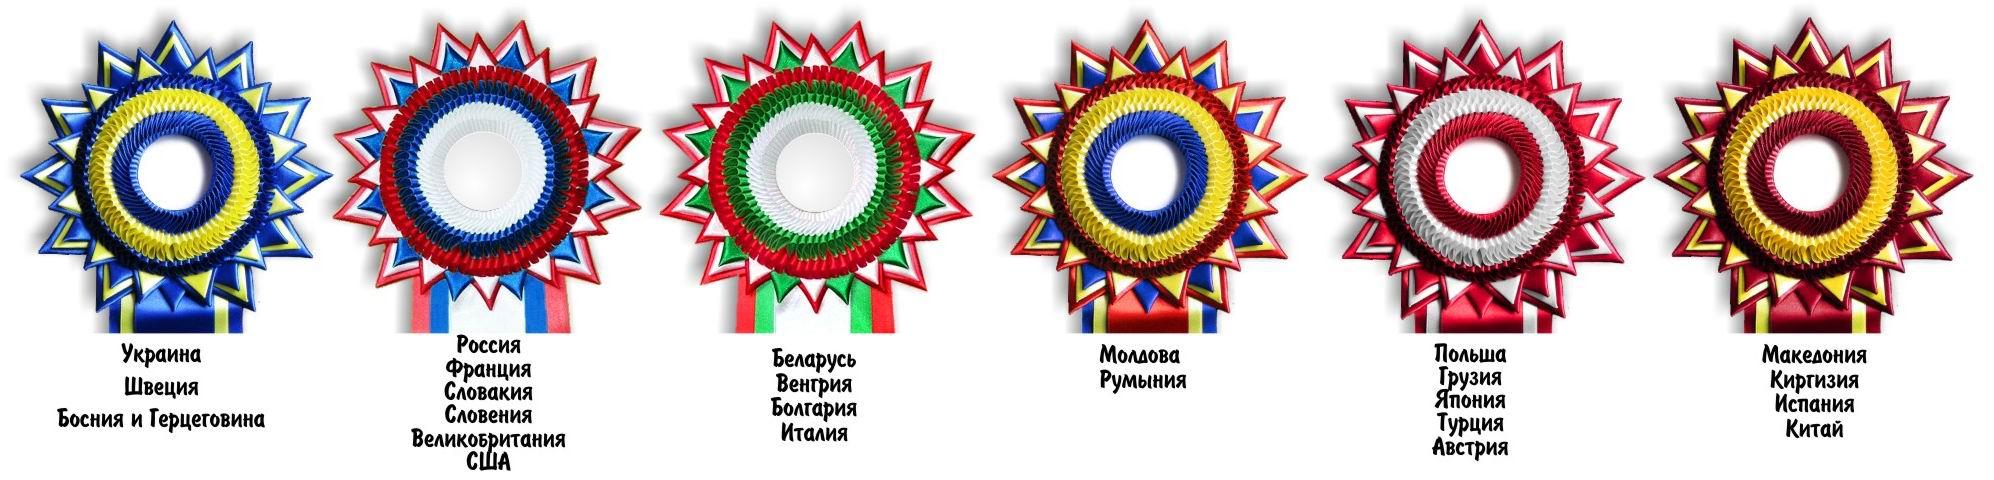 Наградные розетки в национальных цветах